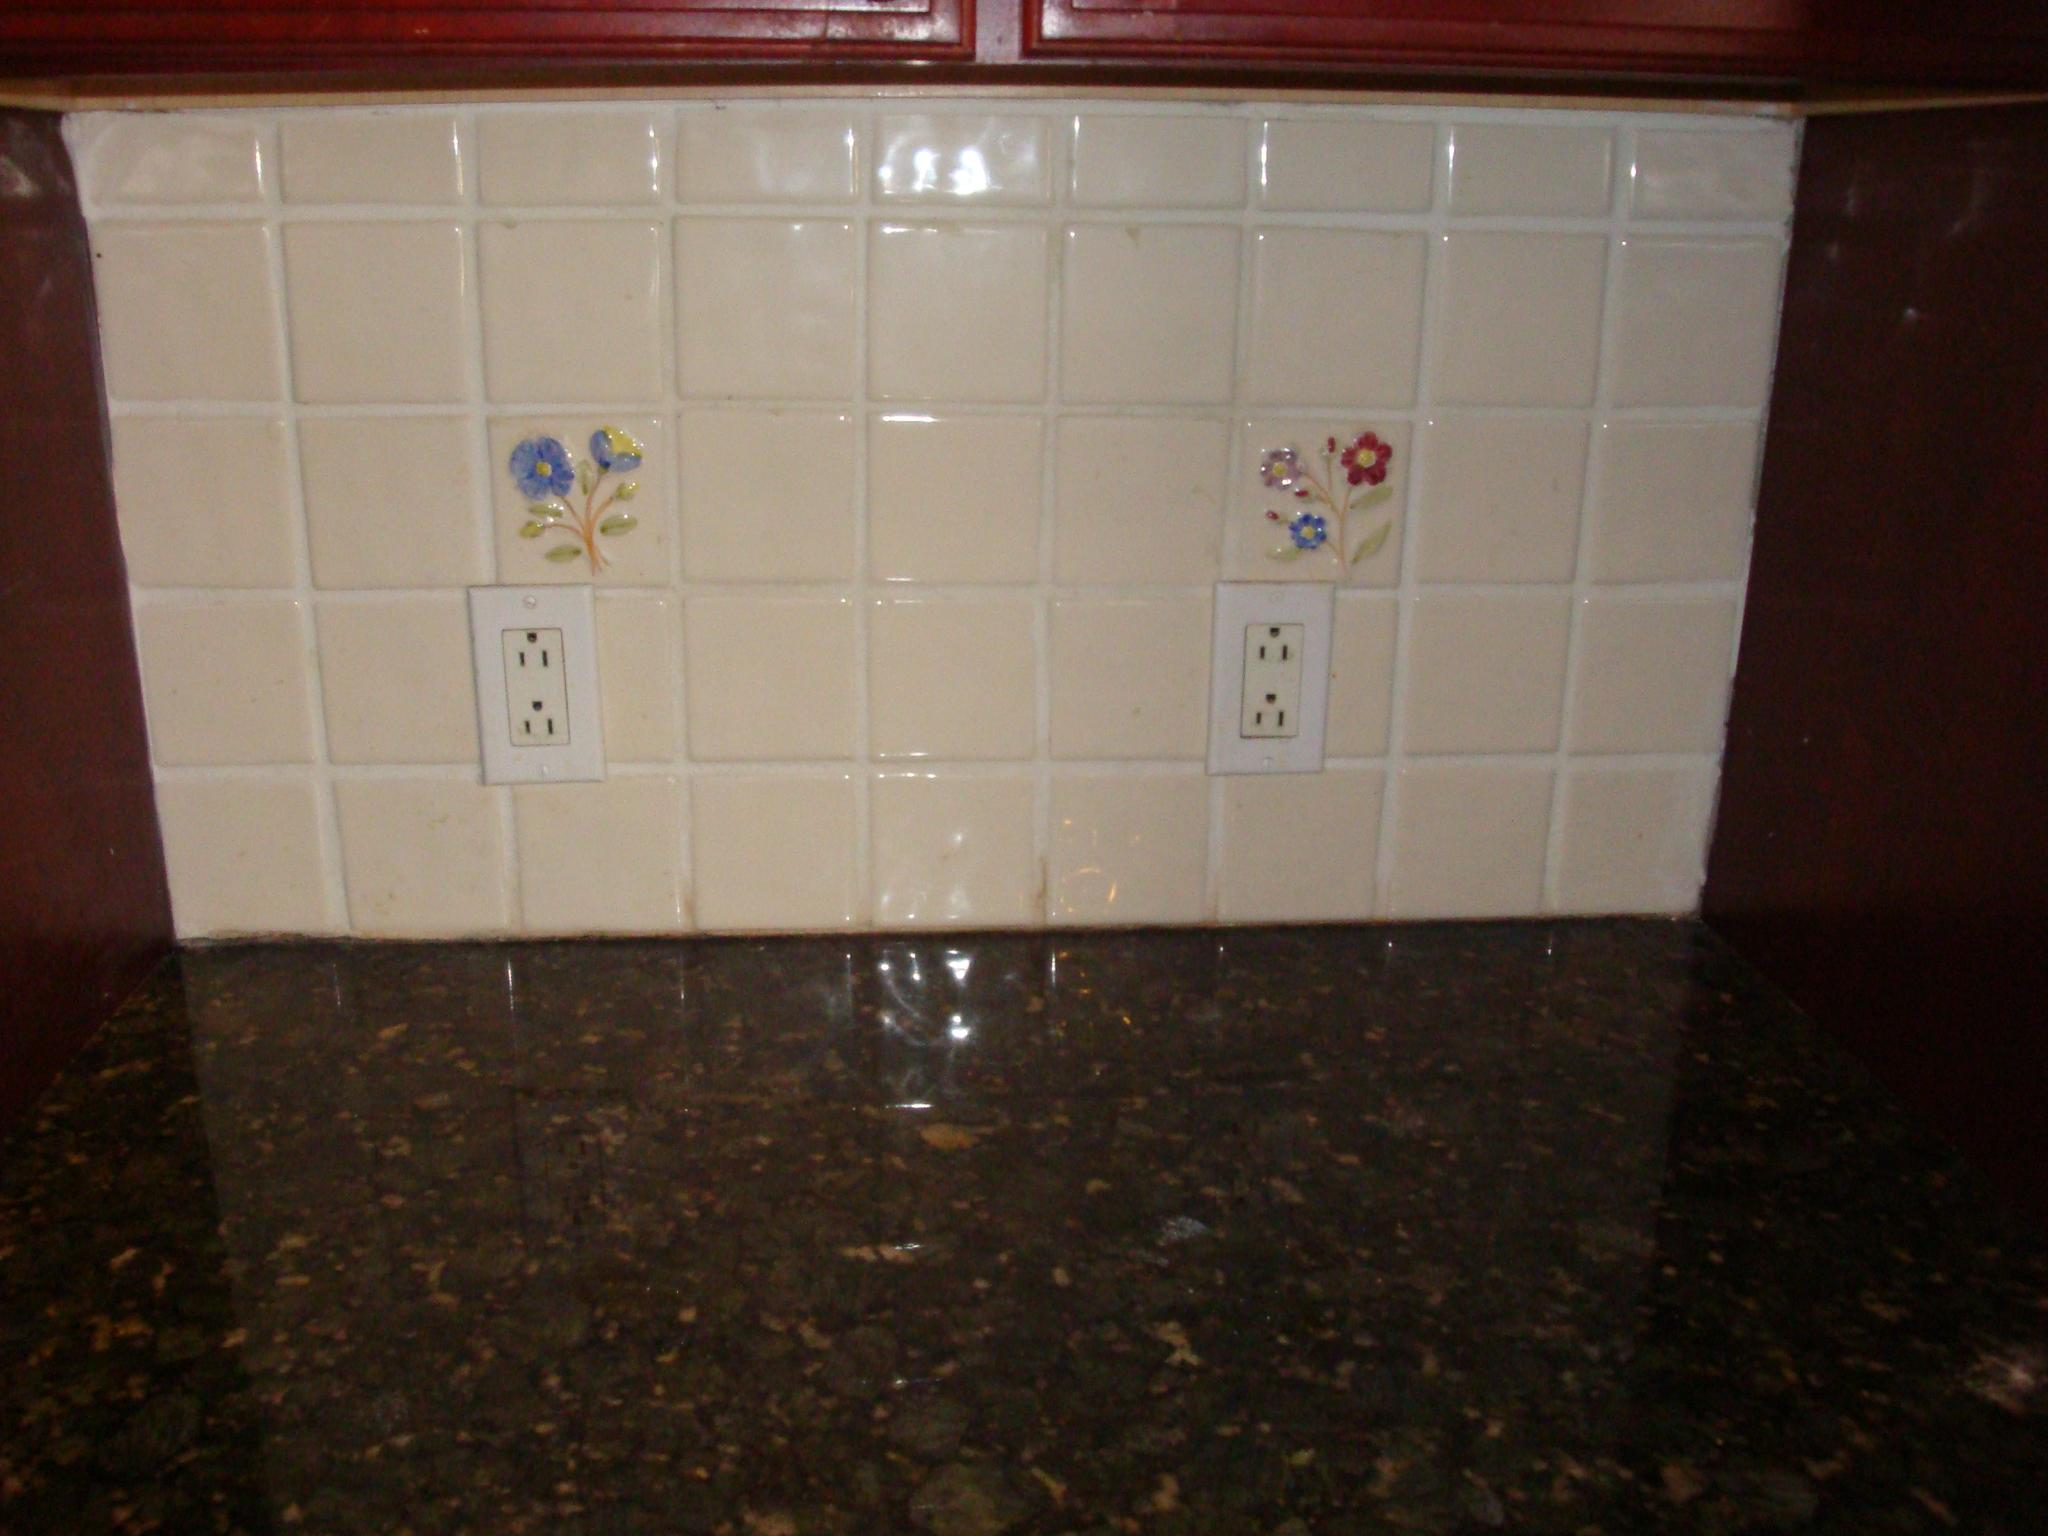 replacing kitchen backsplash replacing kitchen countertops Replacing kitchen backsplash dsc